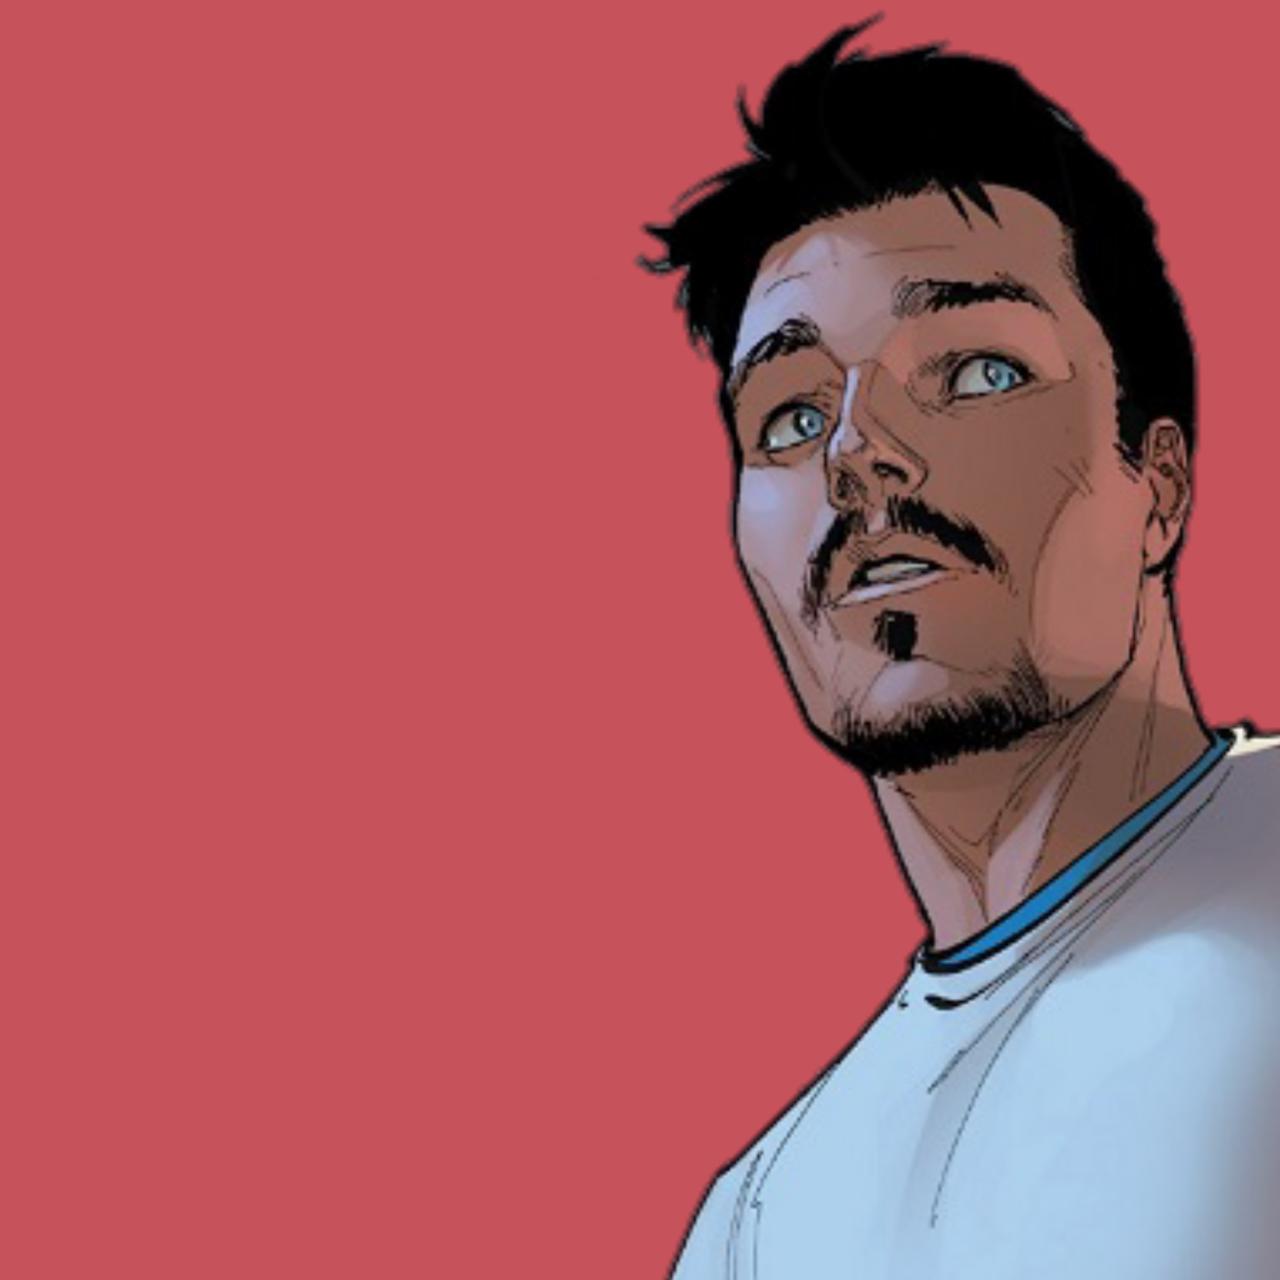 Pin by Ghost on Tony Stark Iron Man Tony stark comic